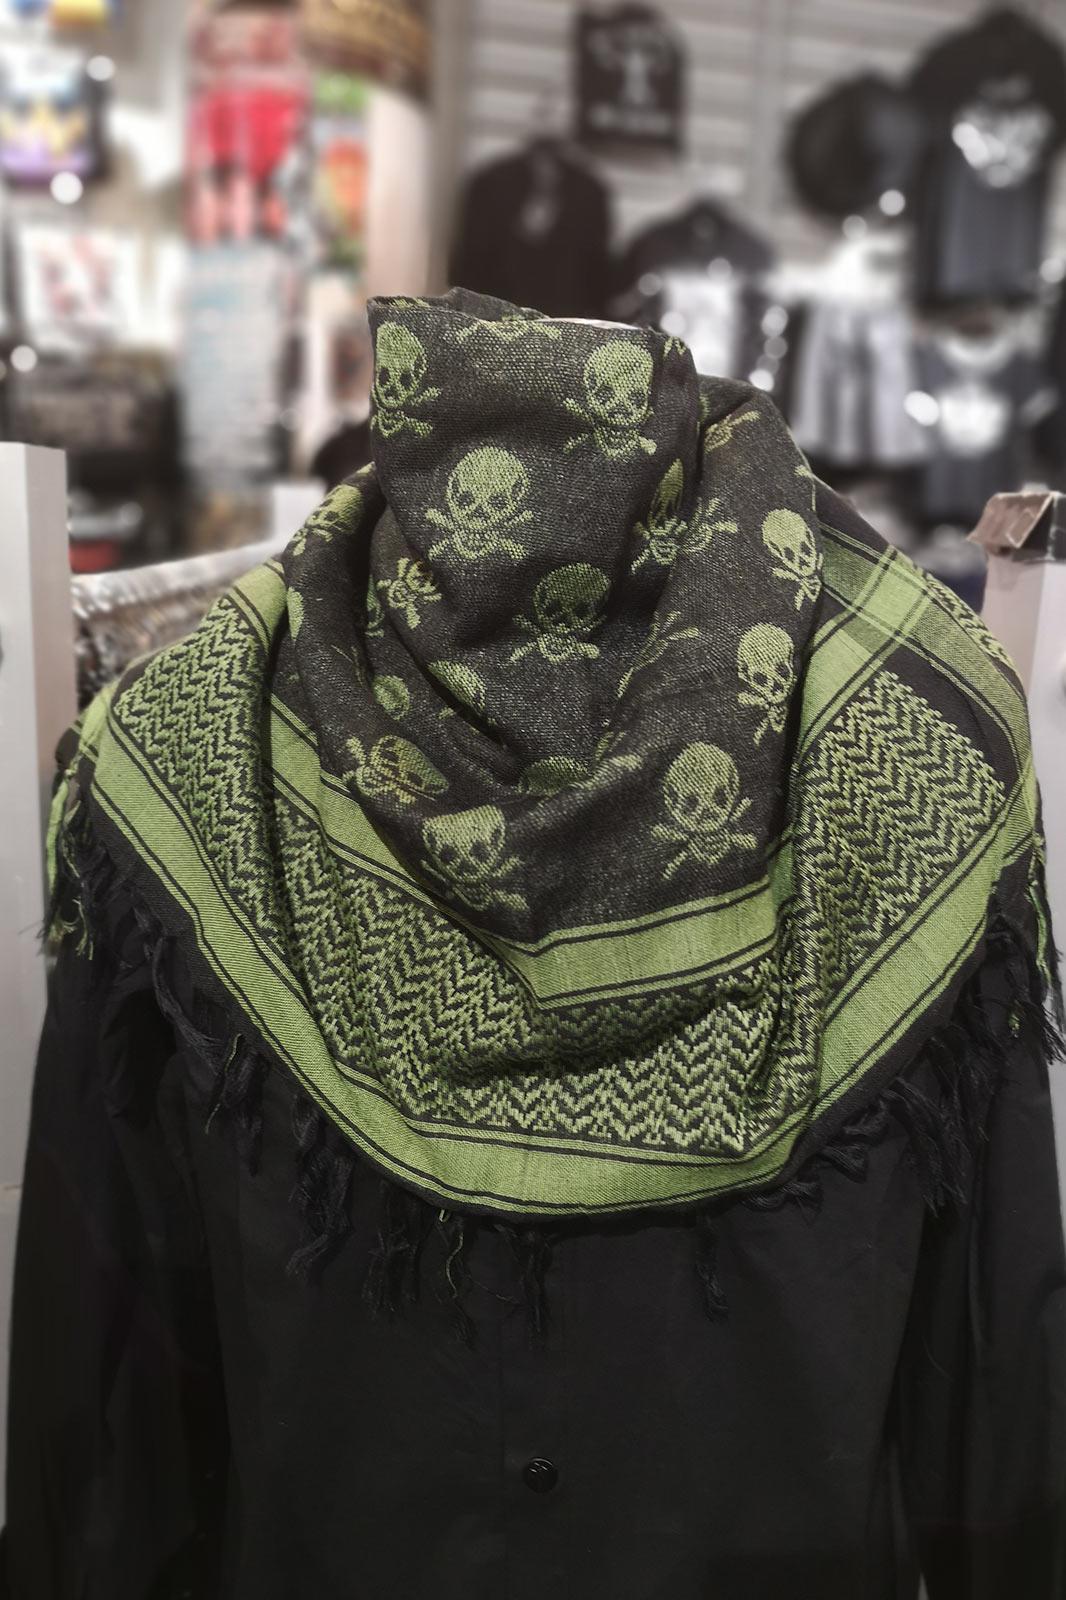 Palestina Scarf w Skulls Green-Black